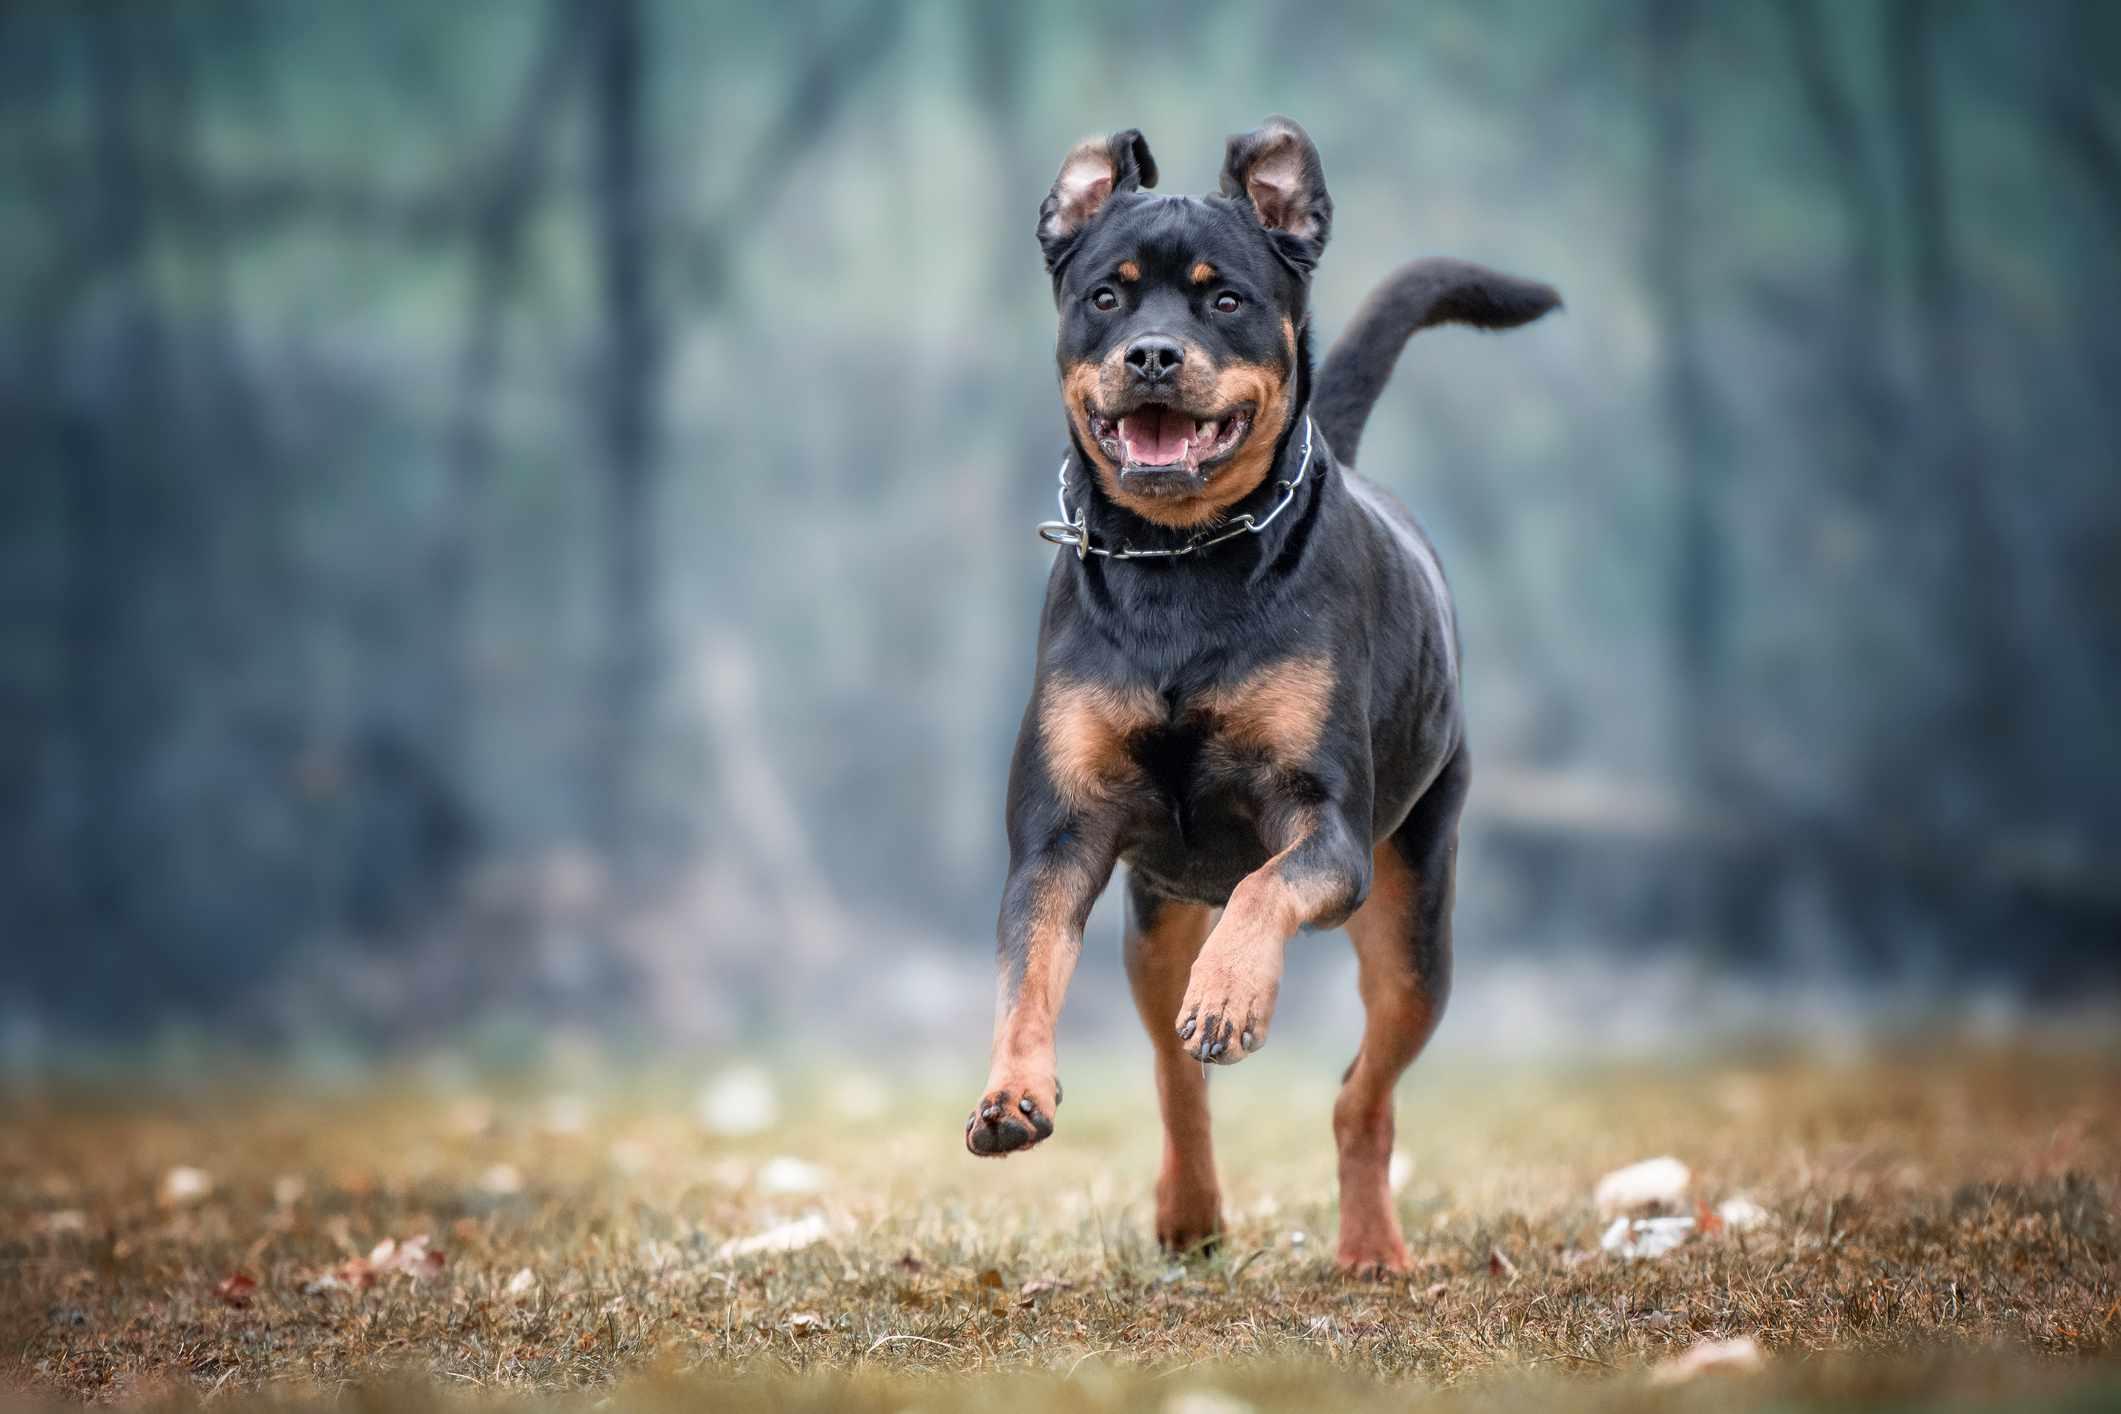 Rottweiler Running On Field